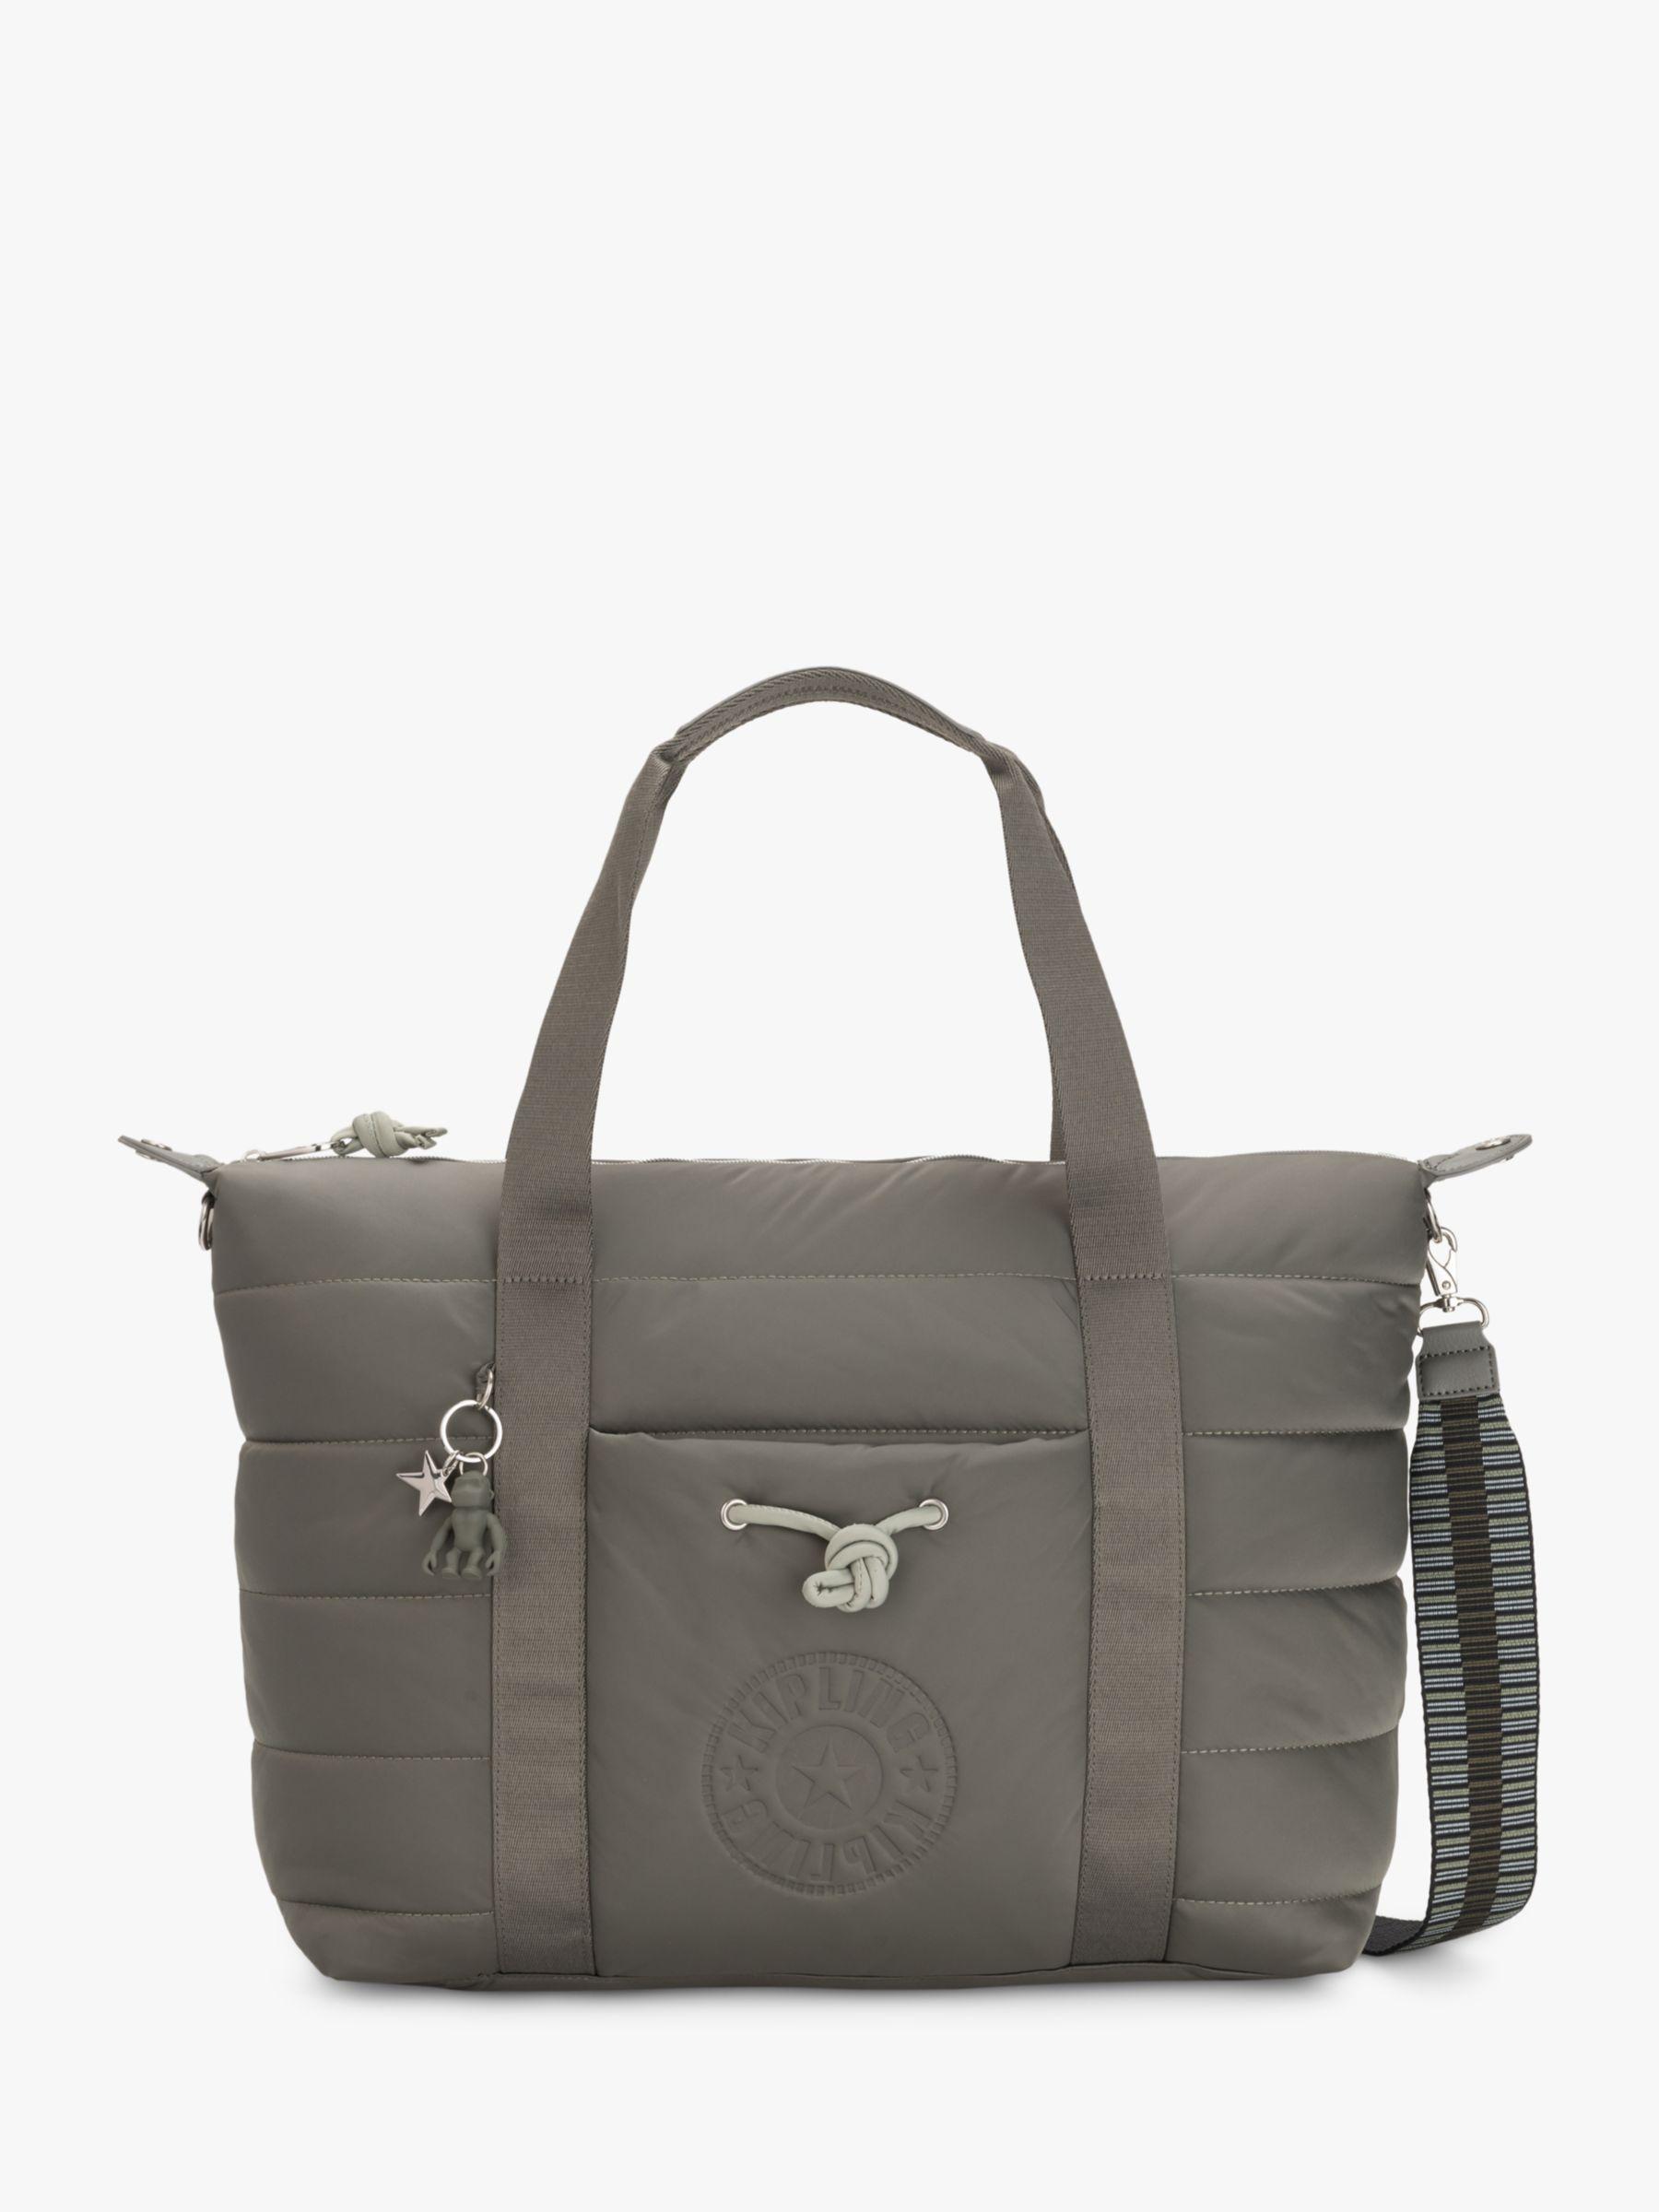 Kipling Kipling Puff Art Medium Tote Bag, Mountain Grey